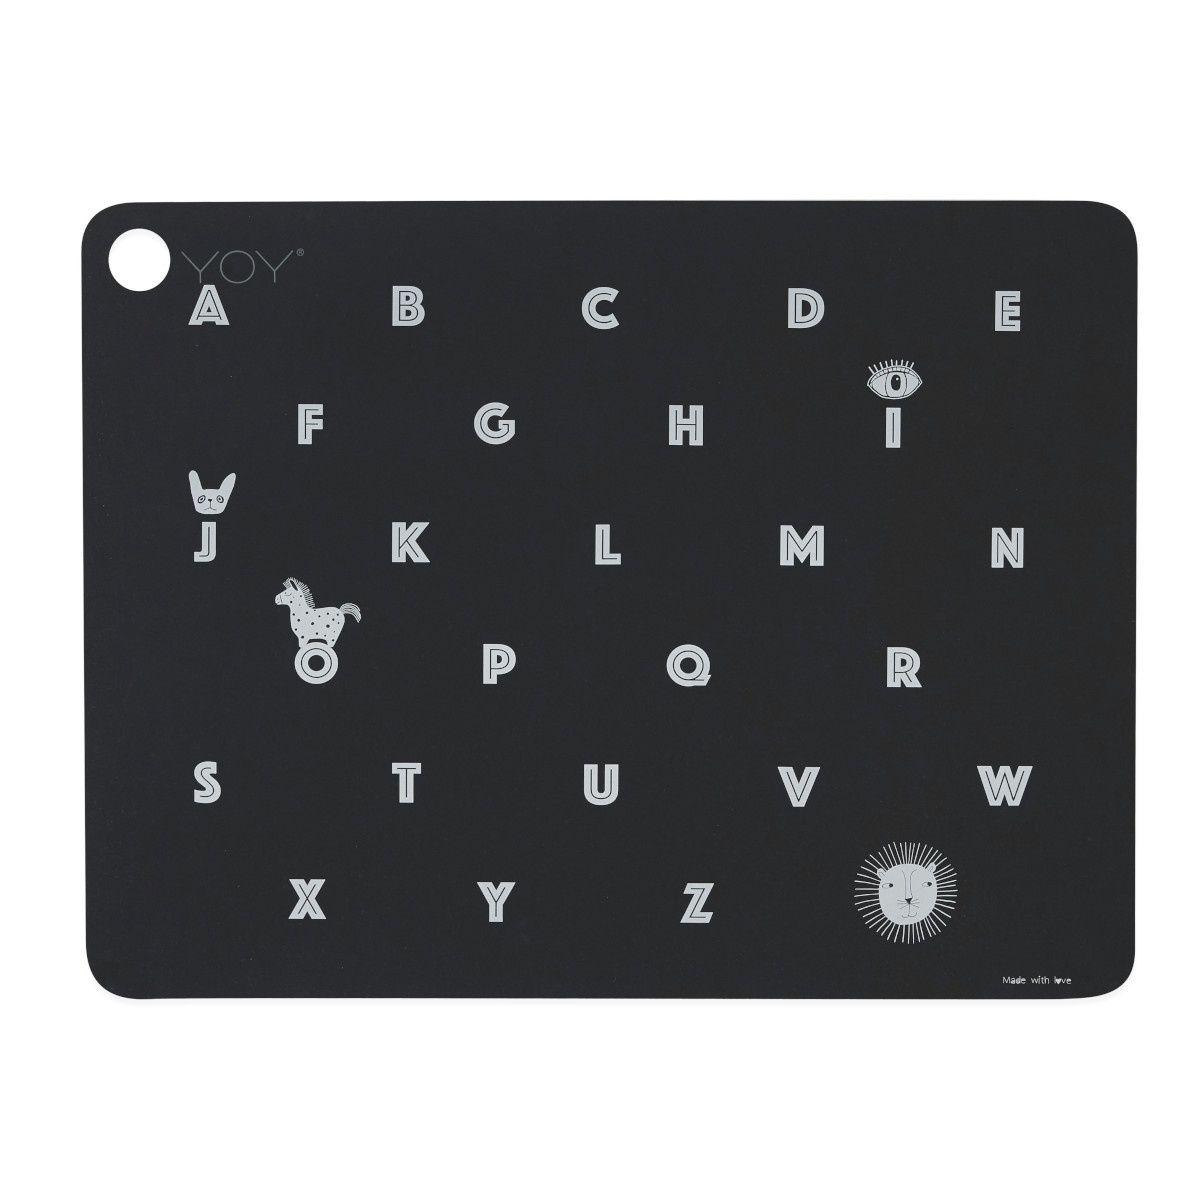 OYOY Placemat Alphabet